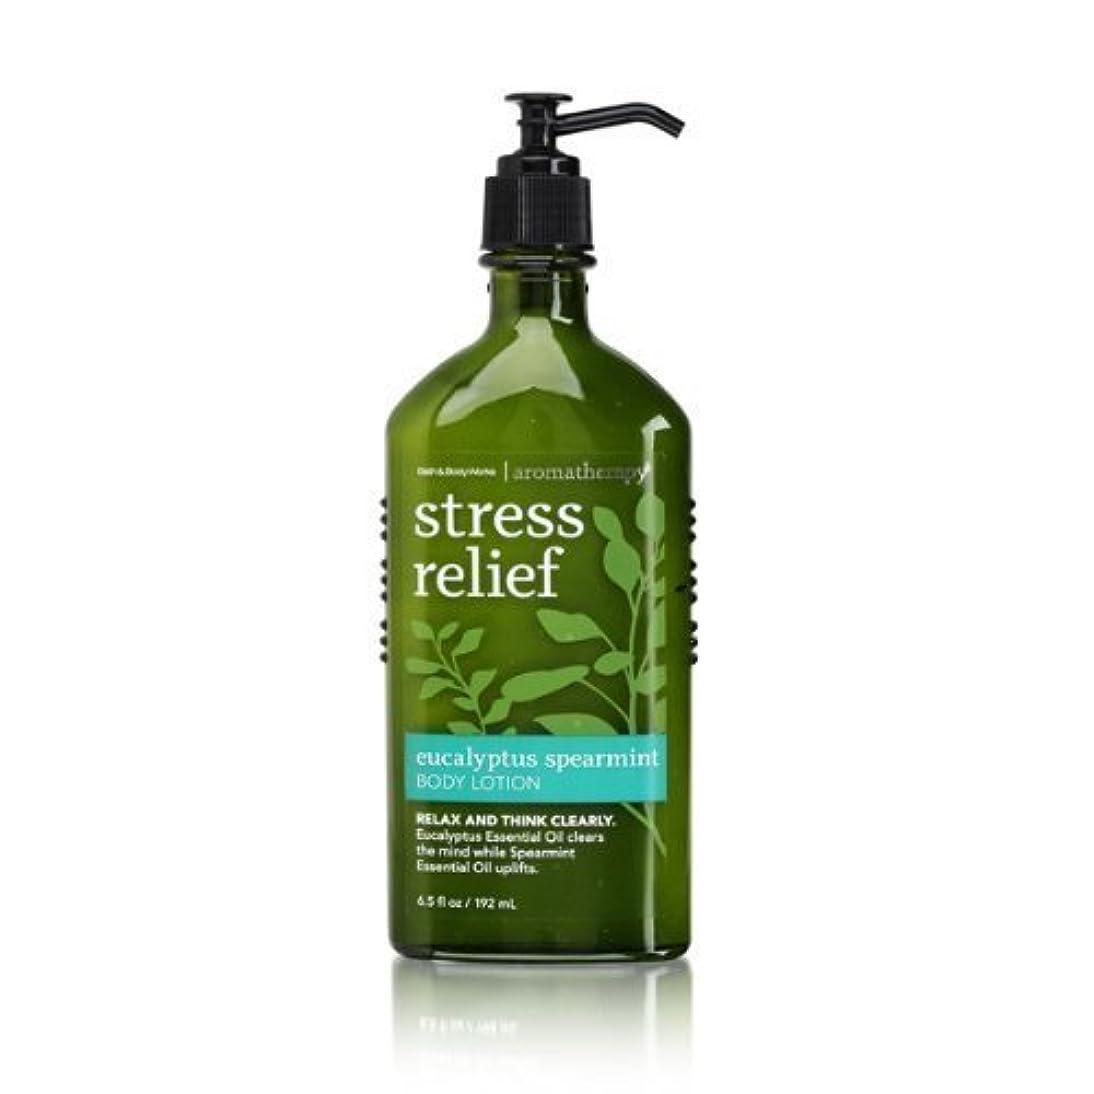 外交問題寸前彼はBath & Body Works Aromatherapy Body Lotion with Free Hand Sanitizer (Eucalyptus Spearmint) [並行輸入品]